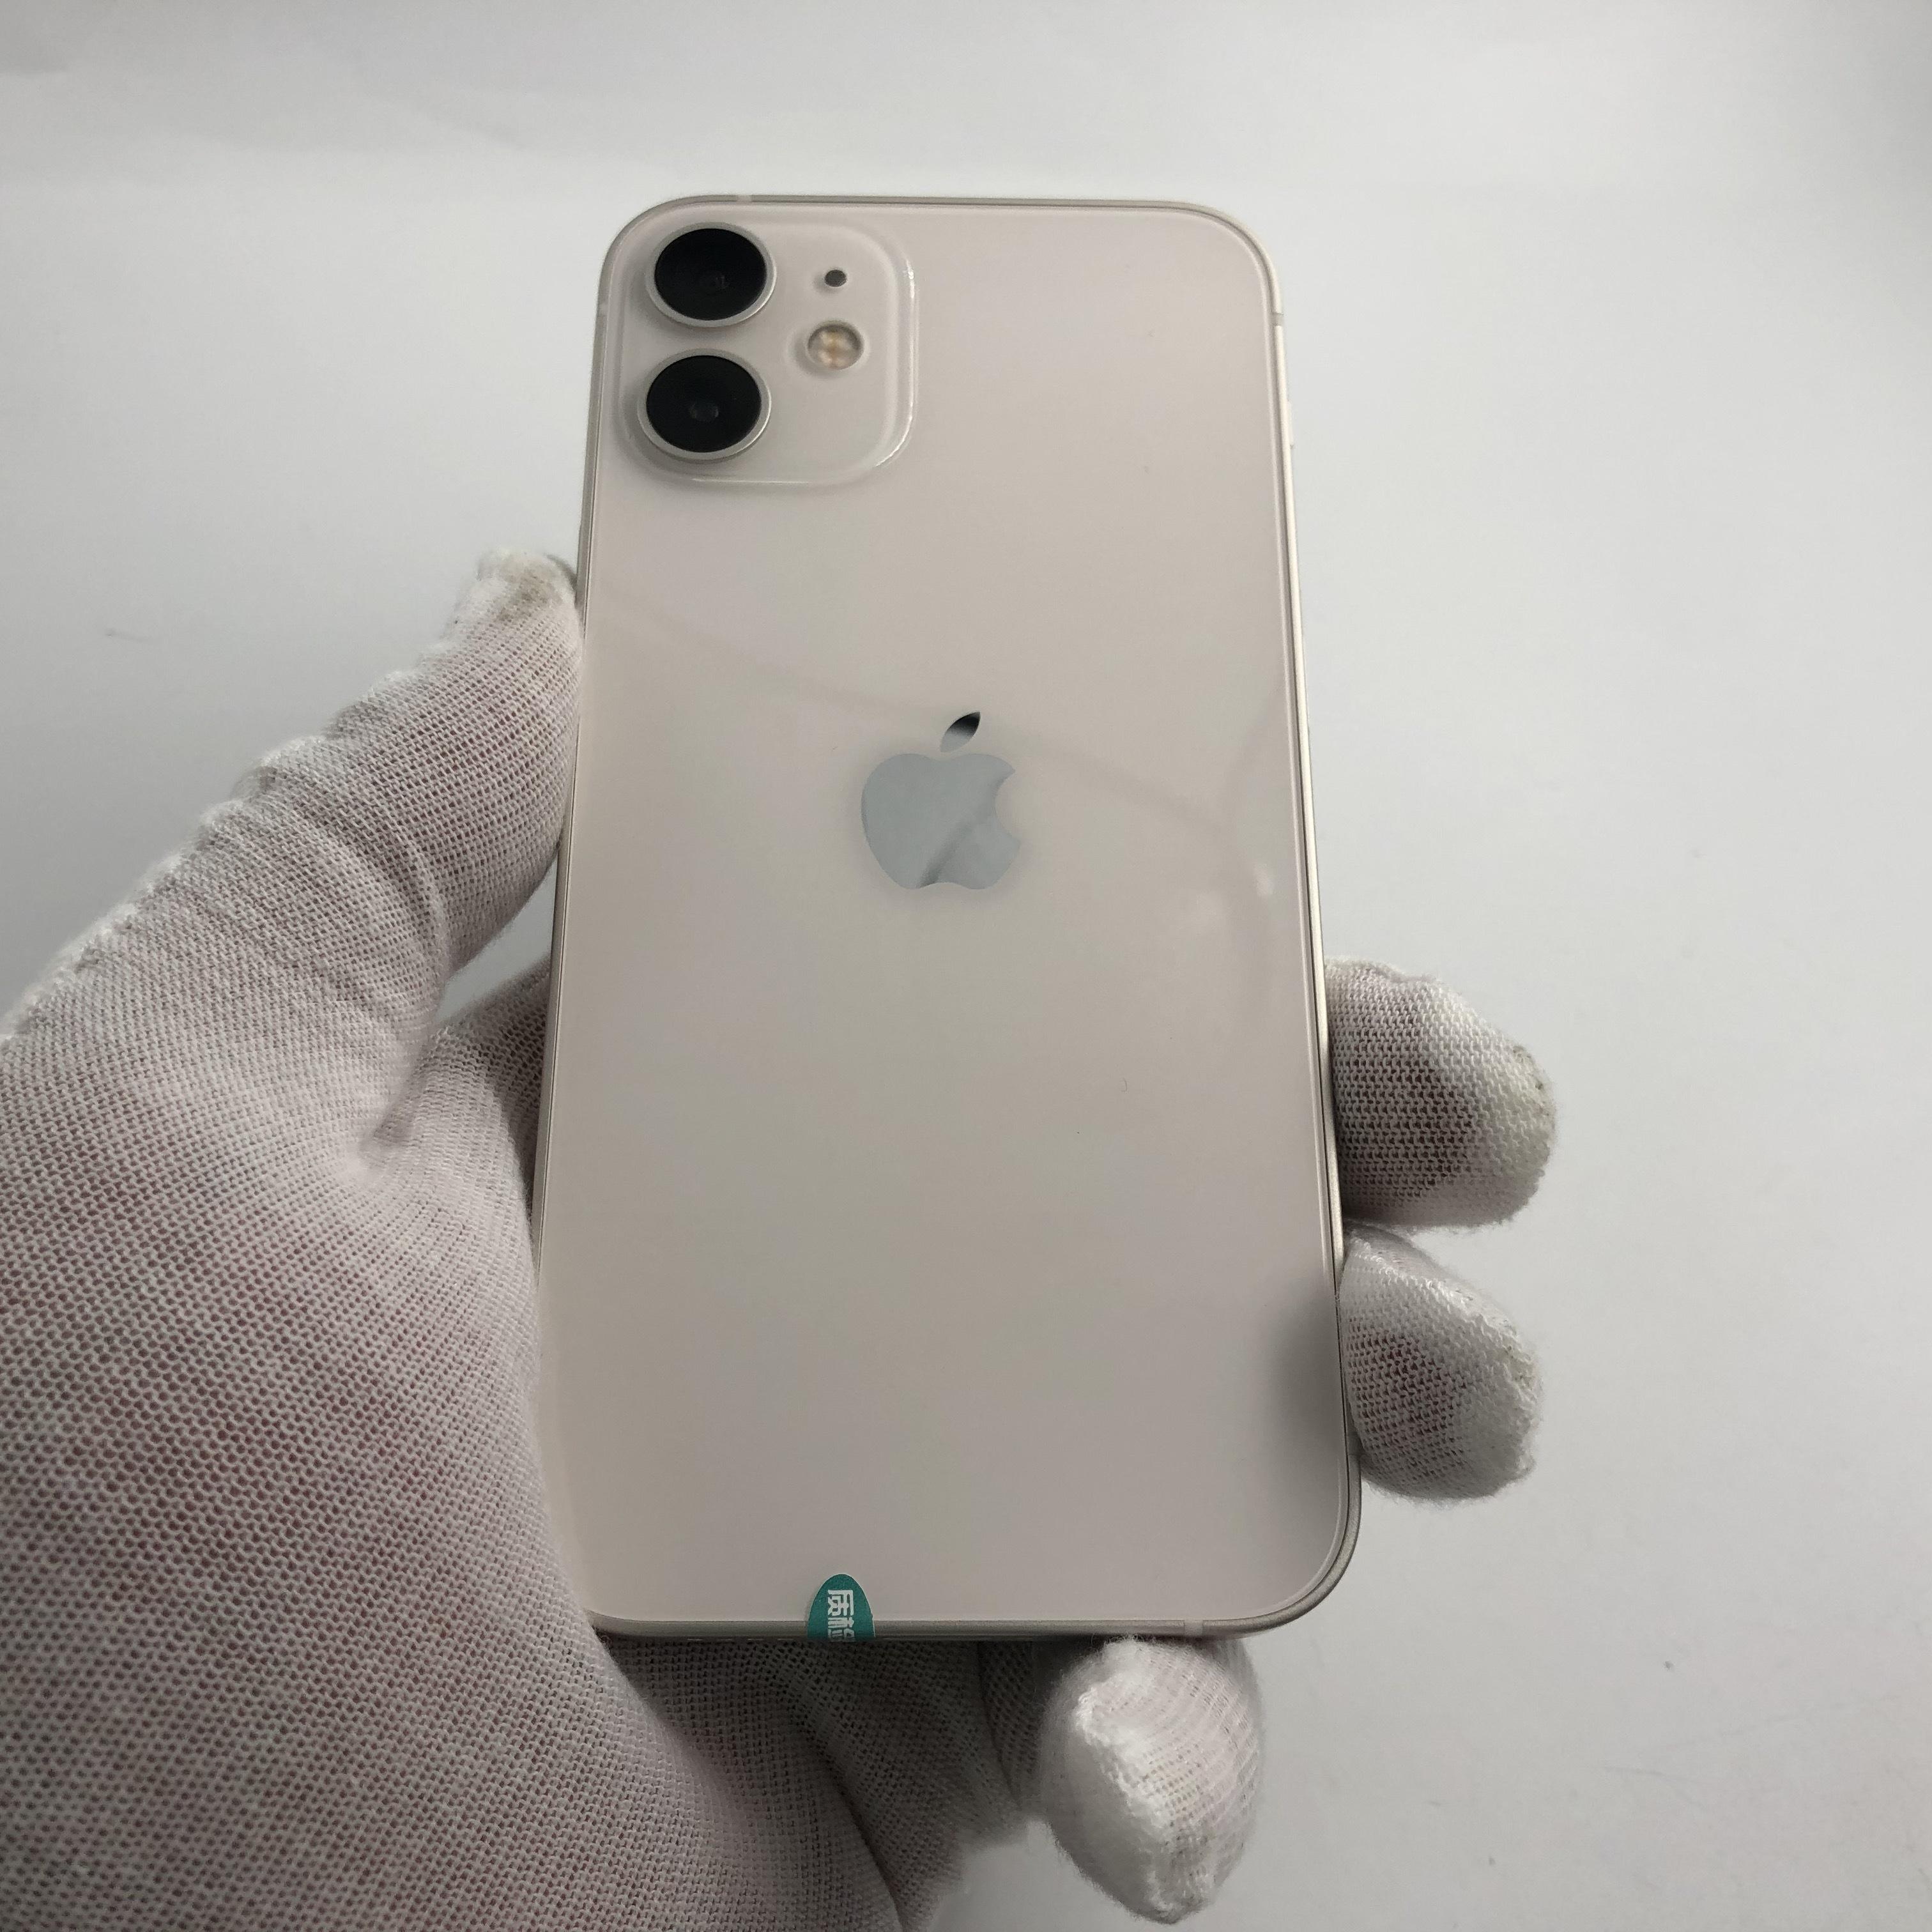 苹果【iPhone 12 mini】5G全网通 白色 64G 国行 99新